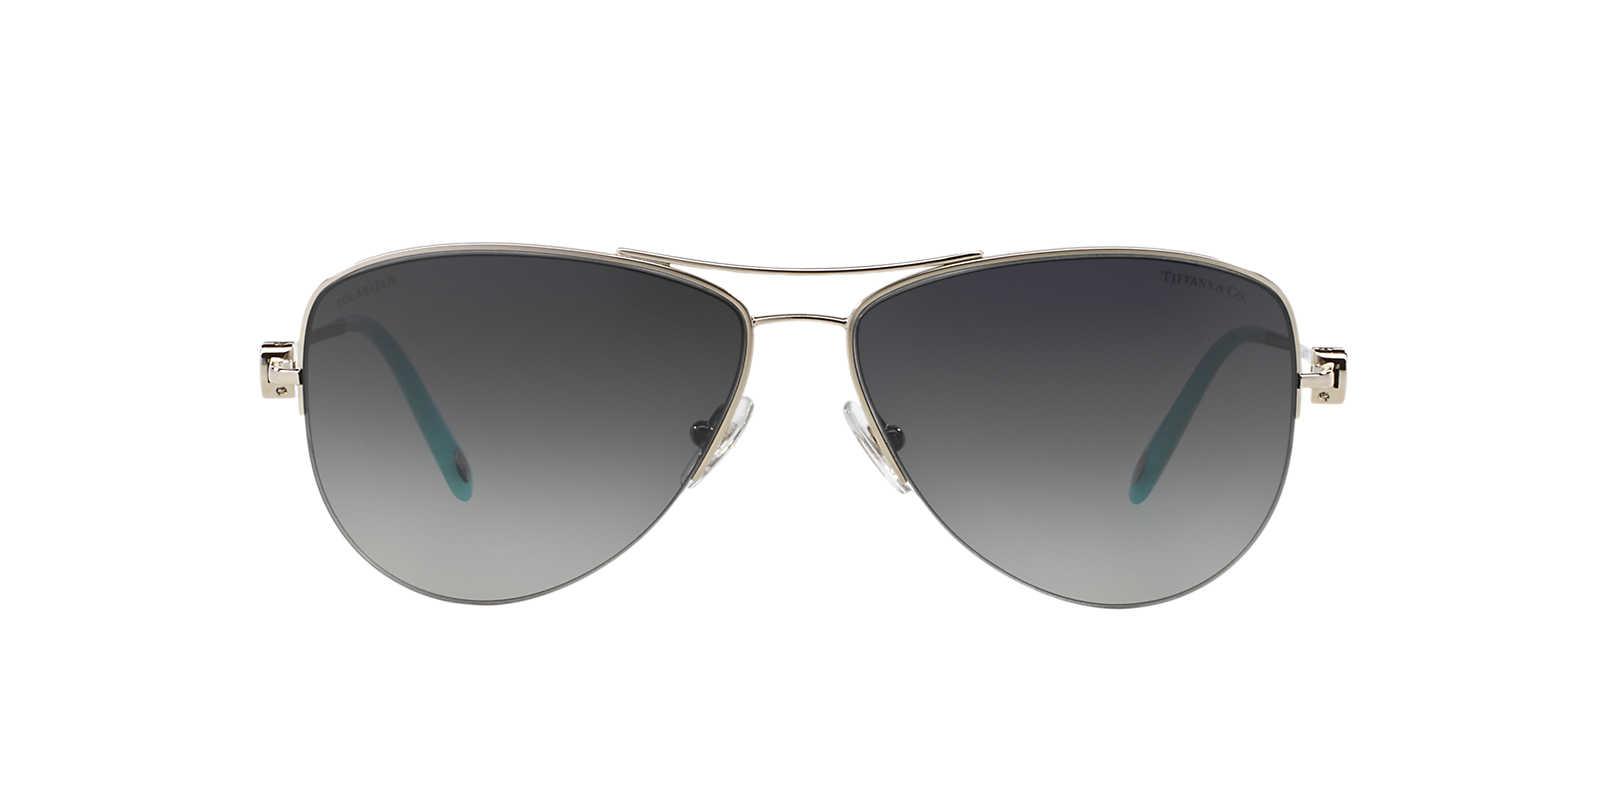 will ray ban replace broken sunglasses  Tiffany \u0026 Co Sunglasses - Designer Sunglasses